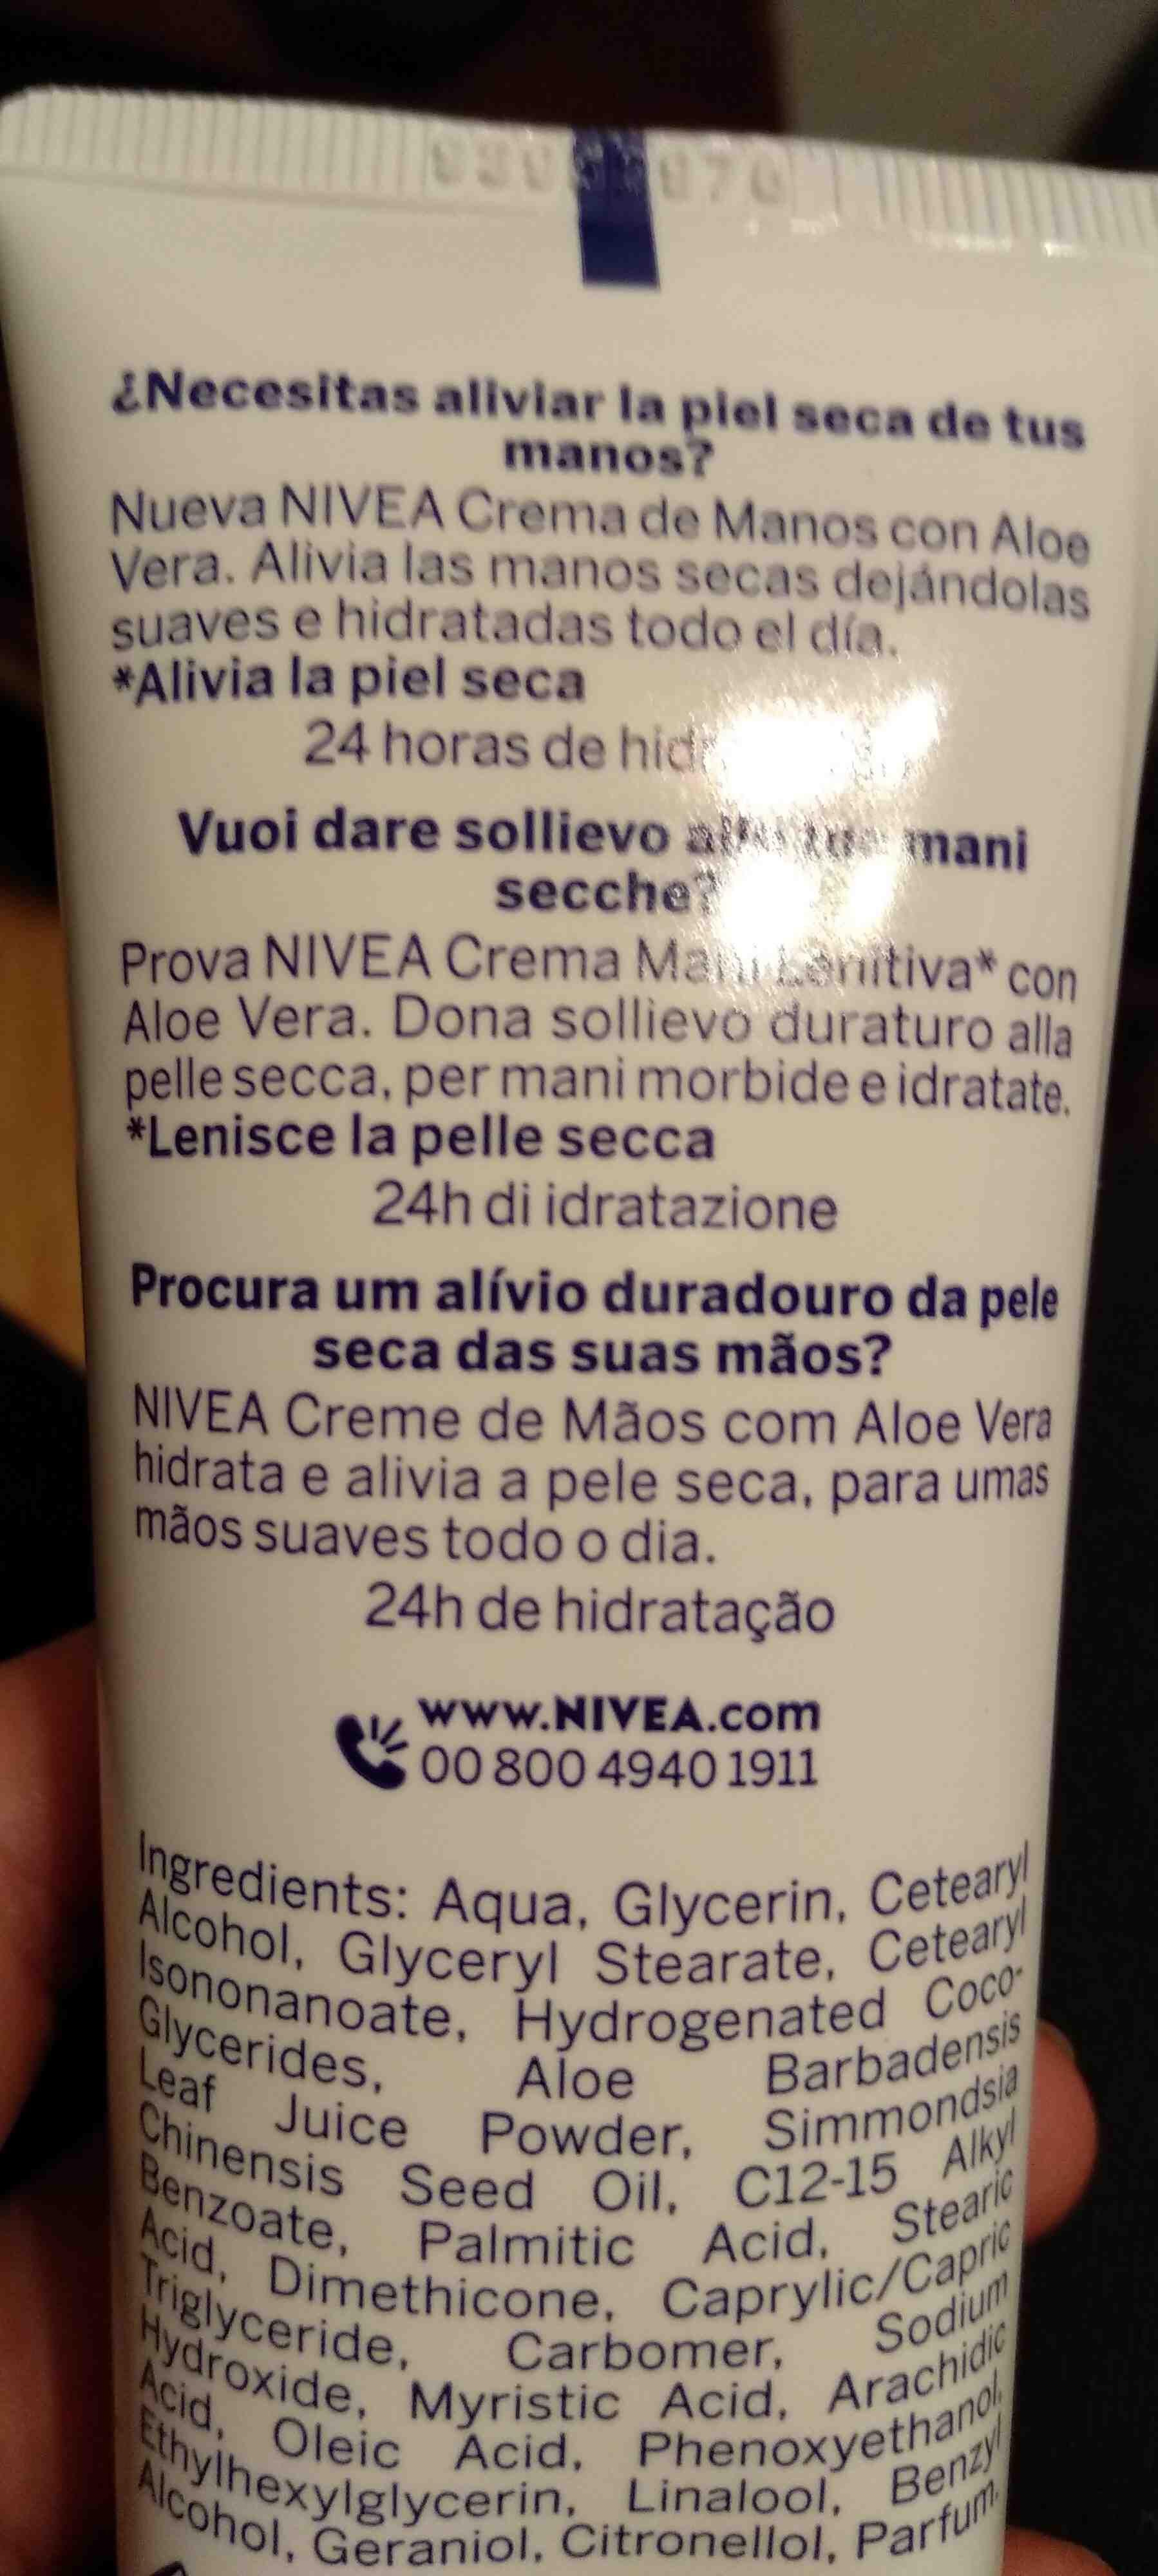 Nivea: Crema de manos - Ingredients - en